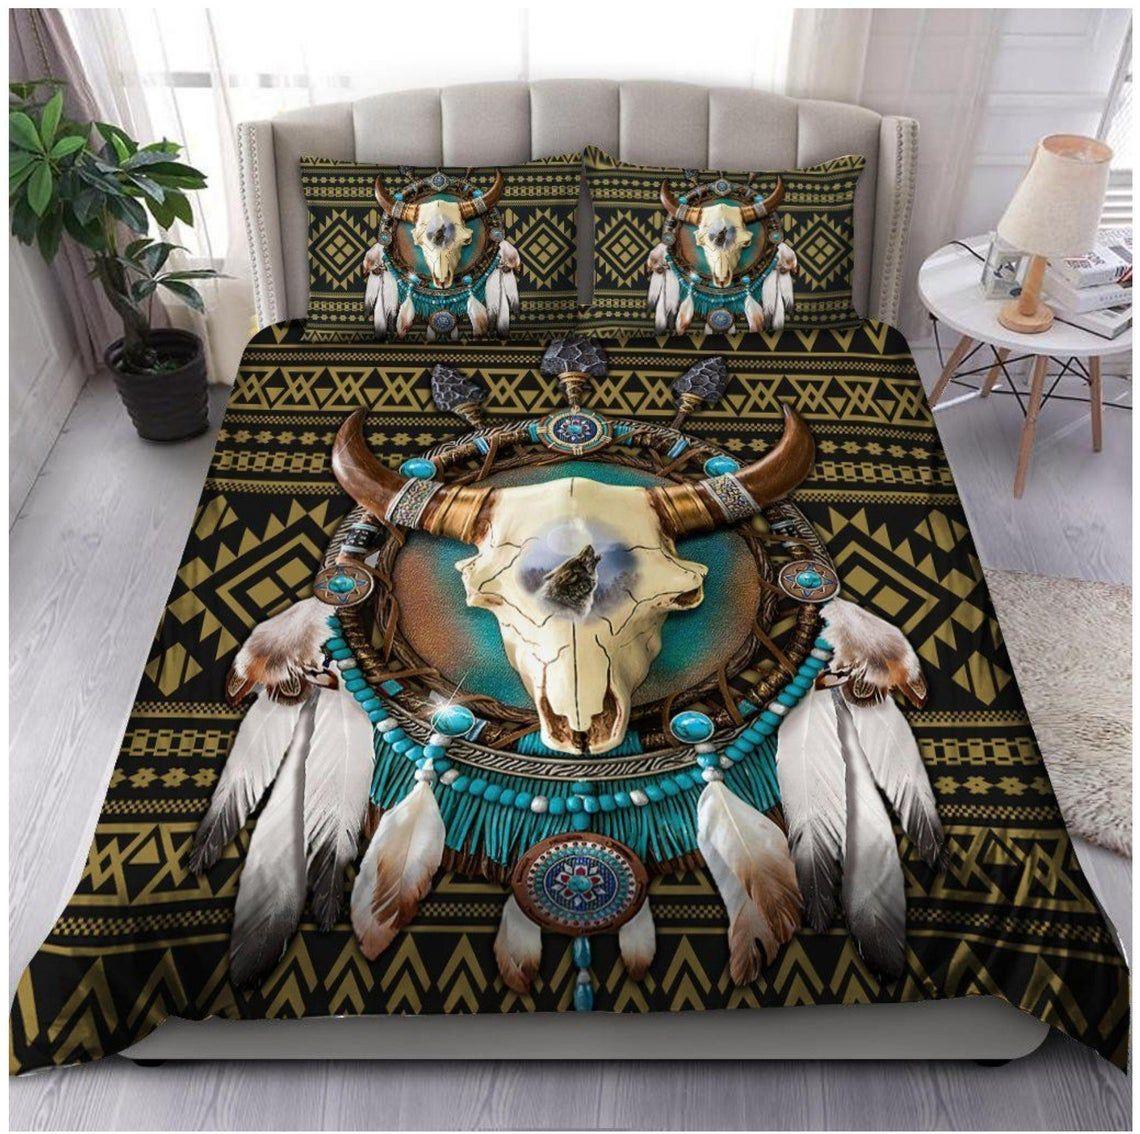 Native American Bison Skeleton Dreamcatcher Bedding Set